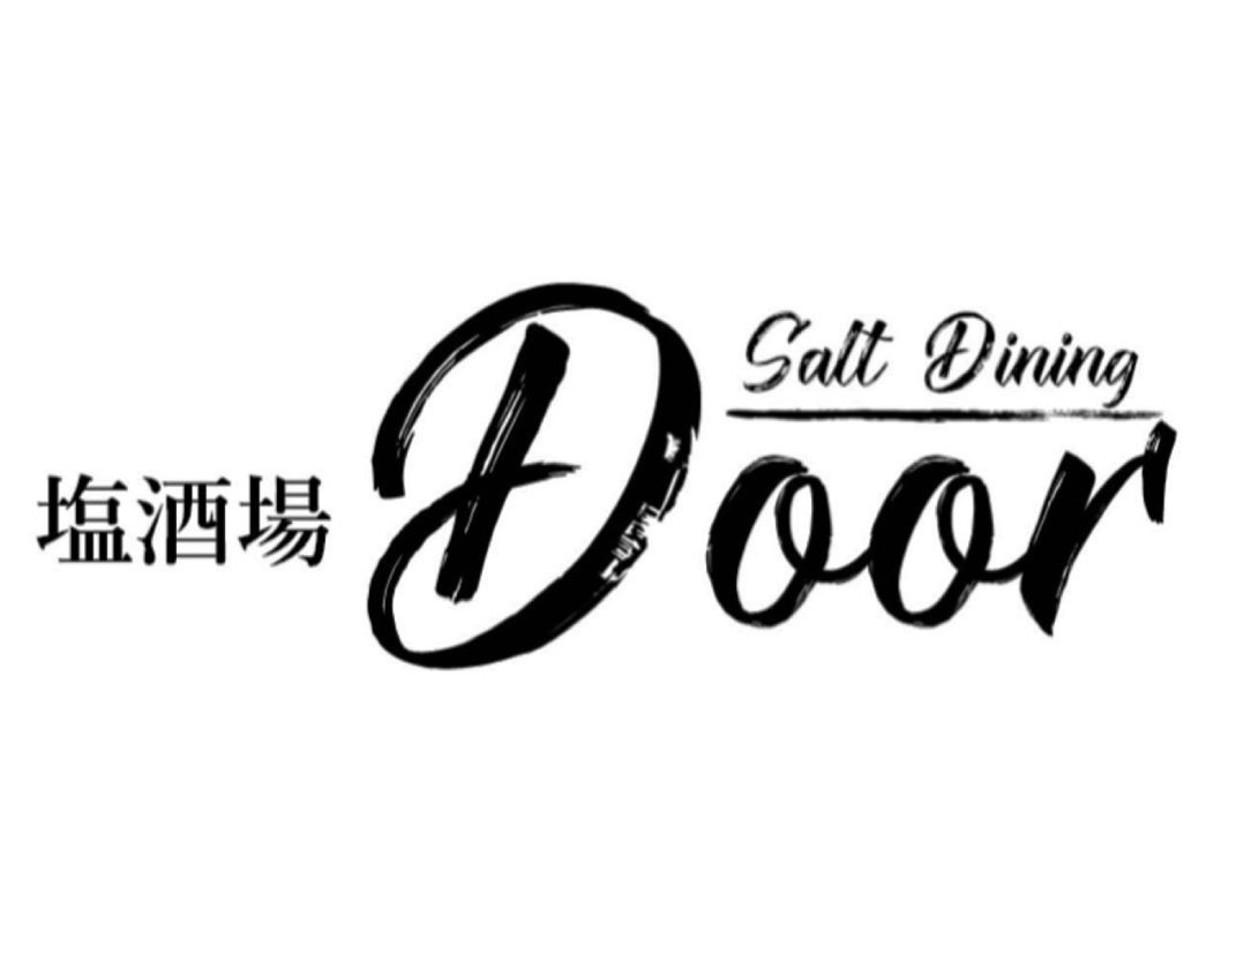 熊本県熊本市中央区下通1丁目に「塩酒場 Door」が本日オープンされたようです。